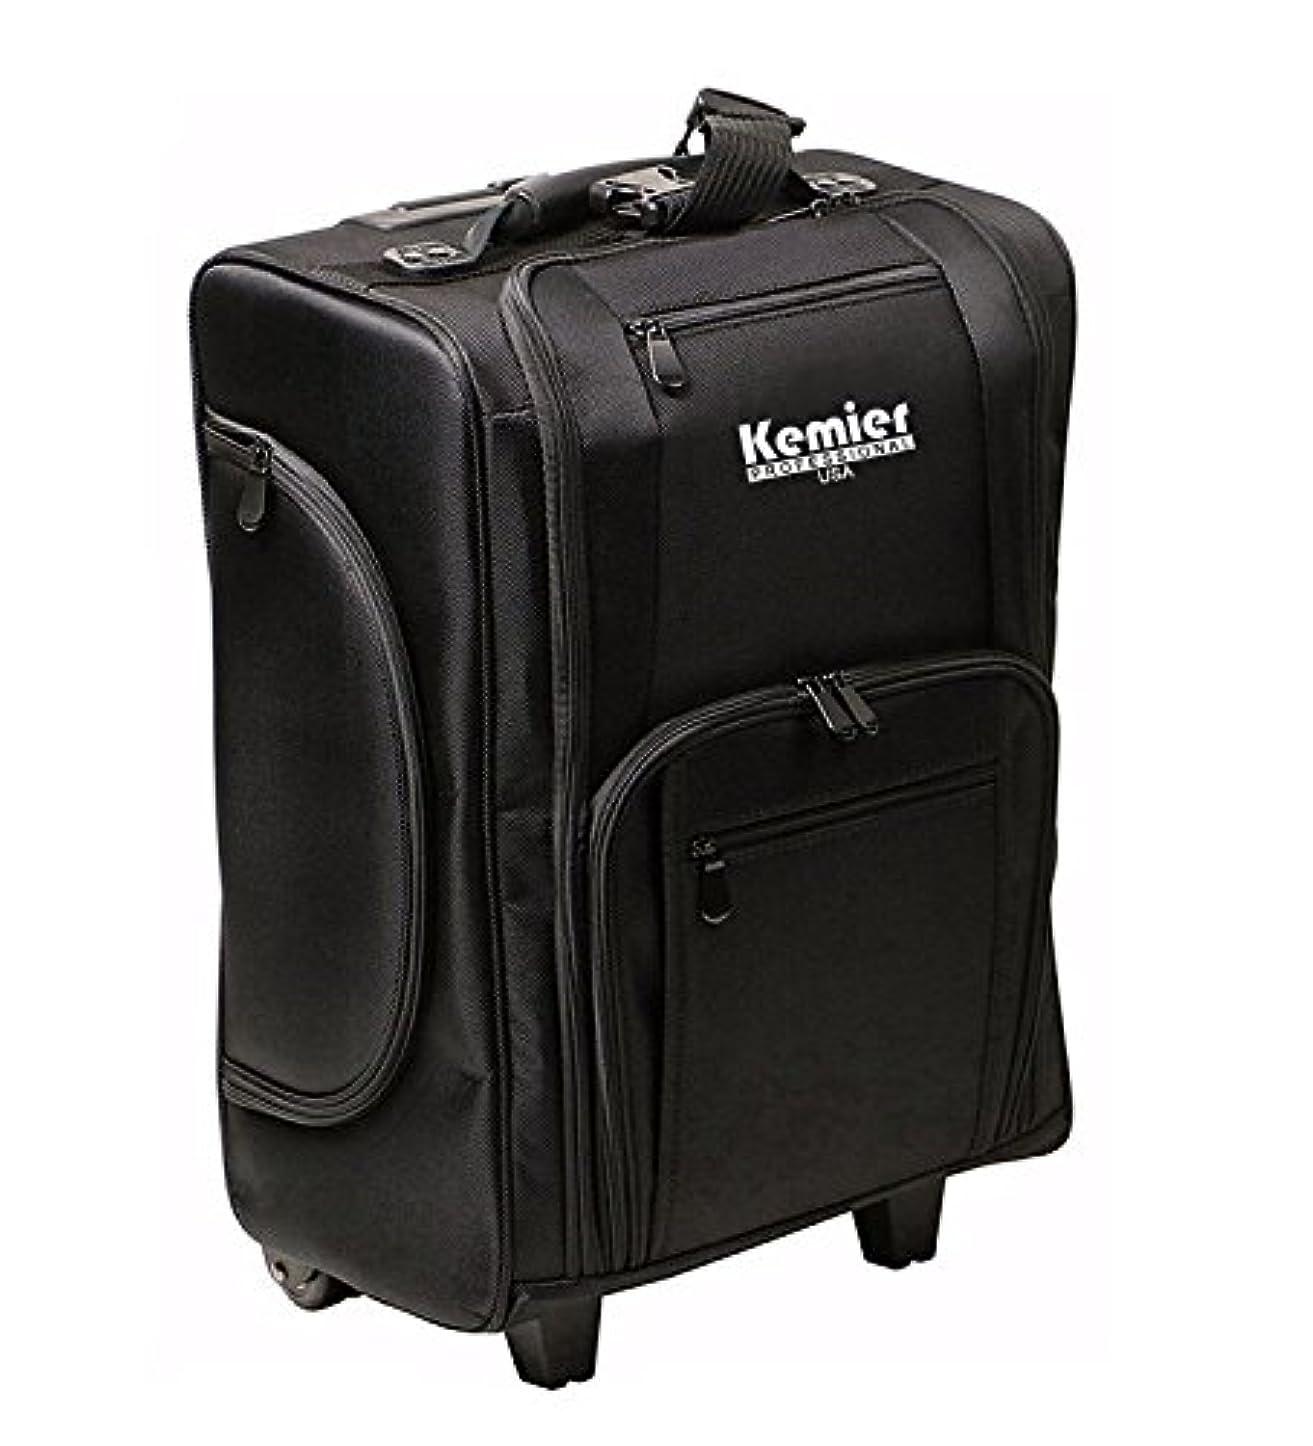 貸し手風が強い最もKemier 袋を備えたポータブル化粧品オーガナイザーソフト両面ナイロン製 圧延化粧ケース ブラック